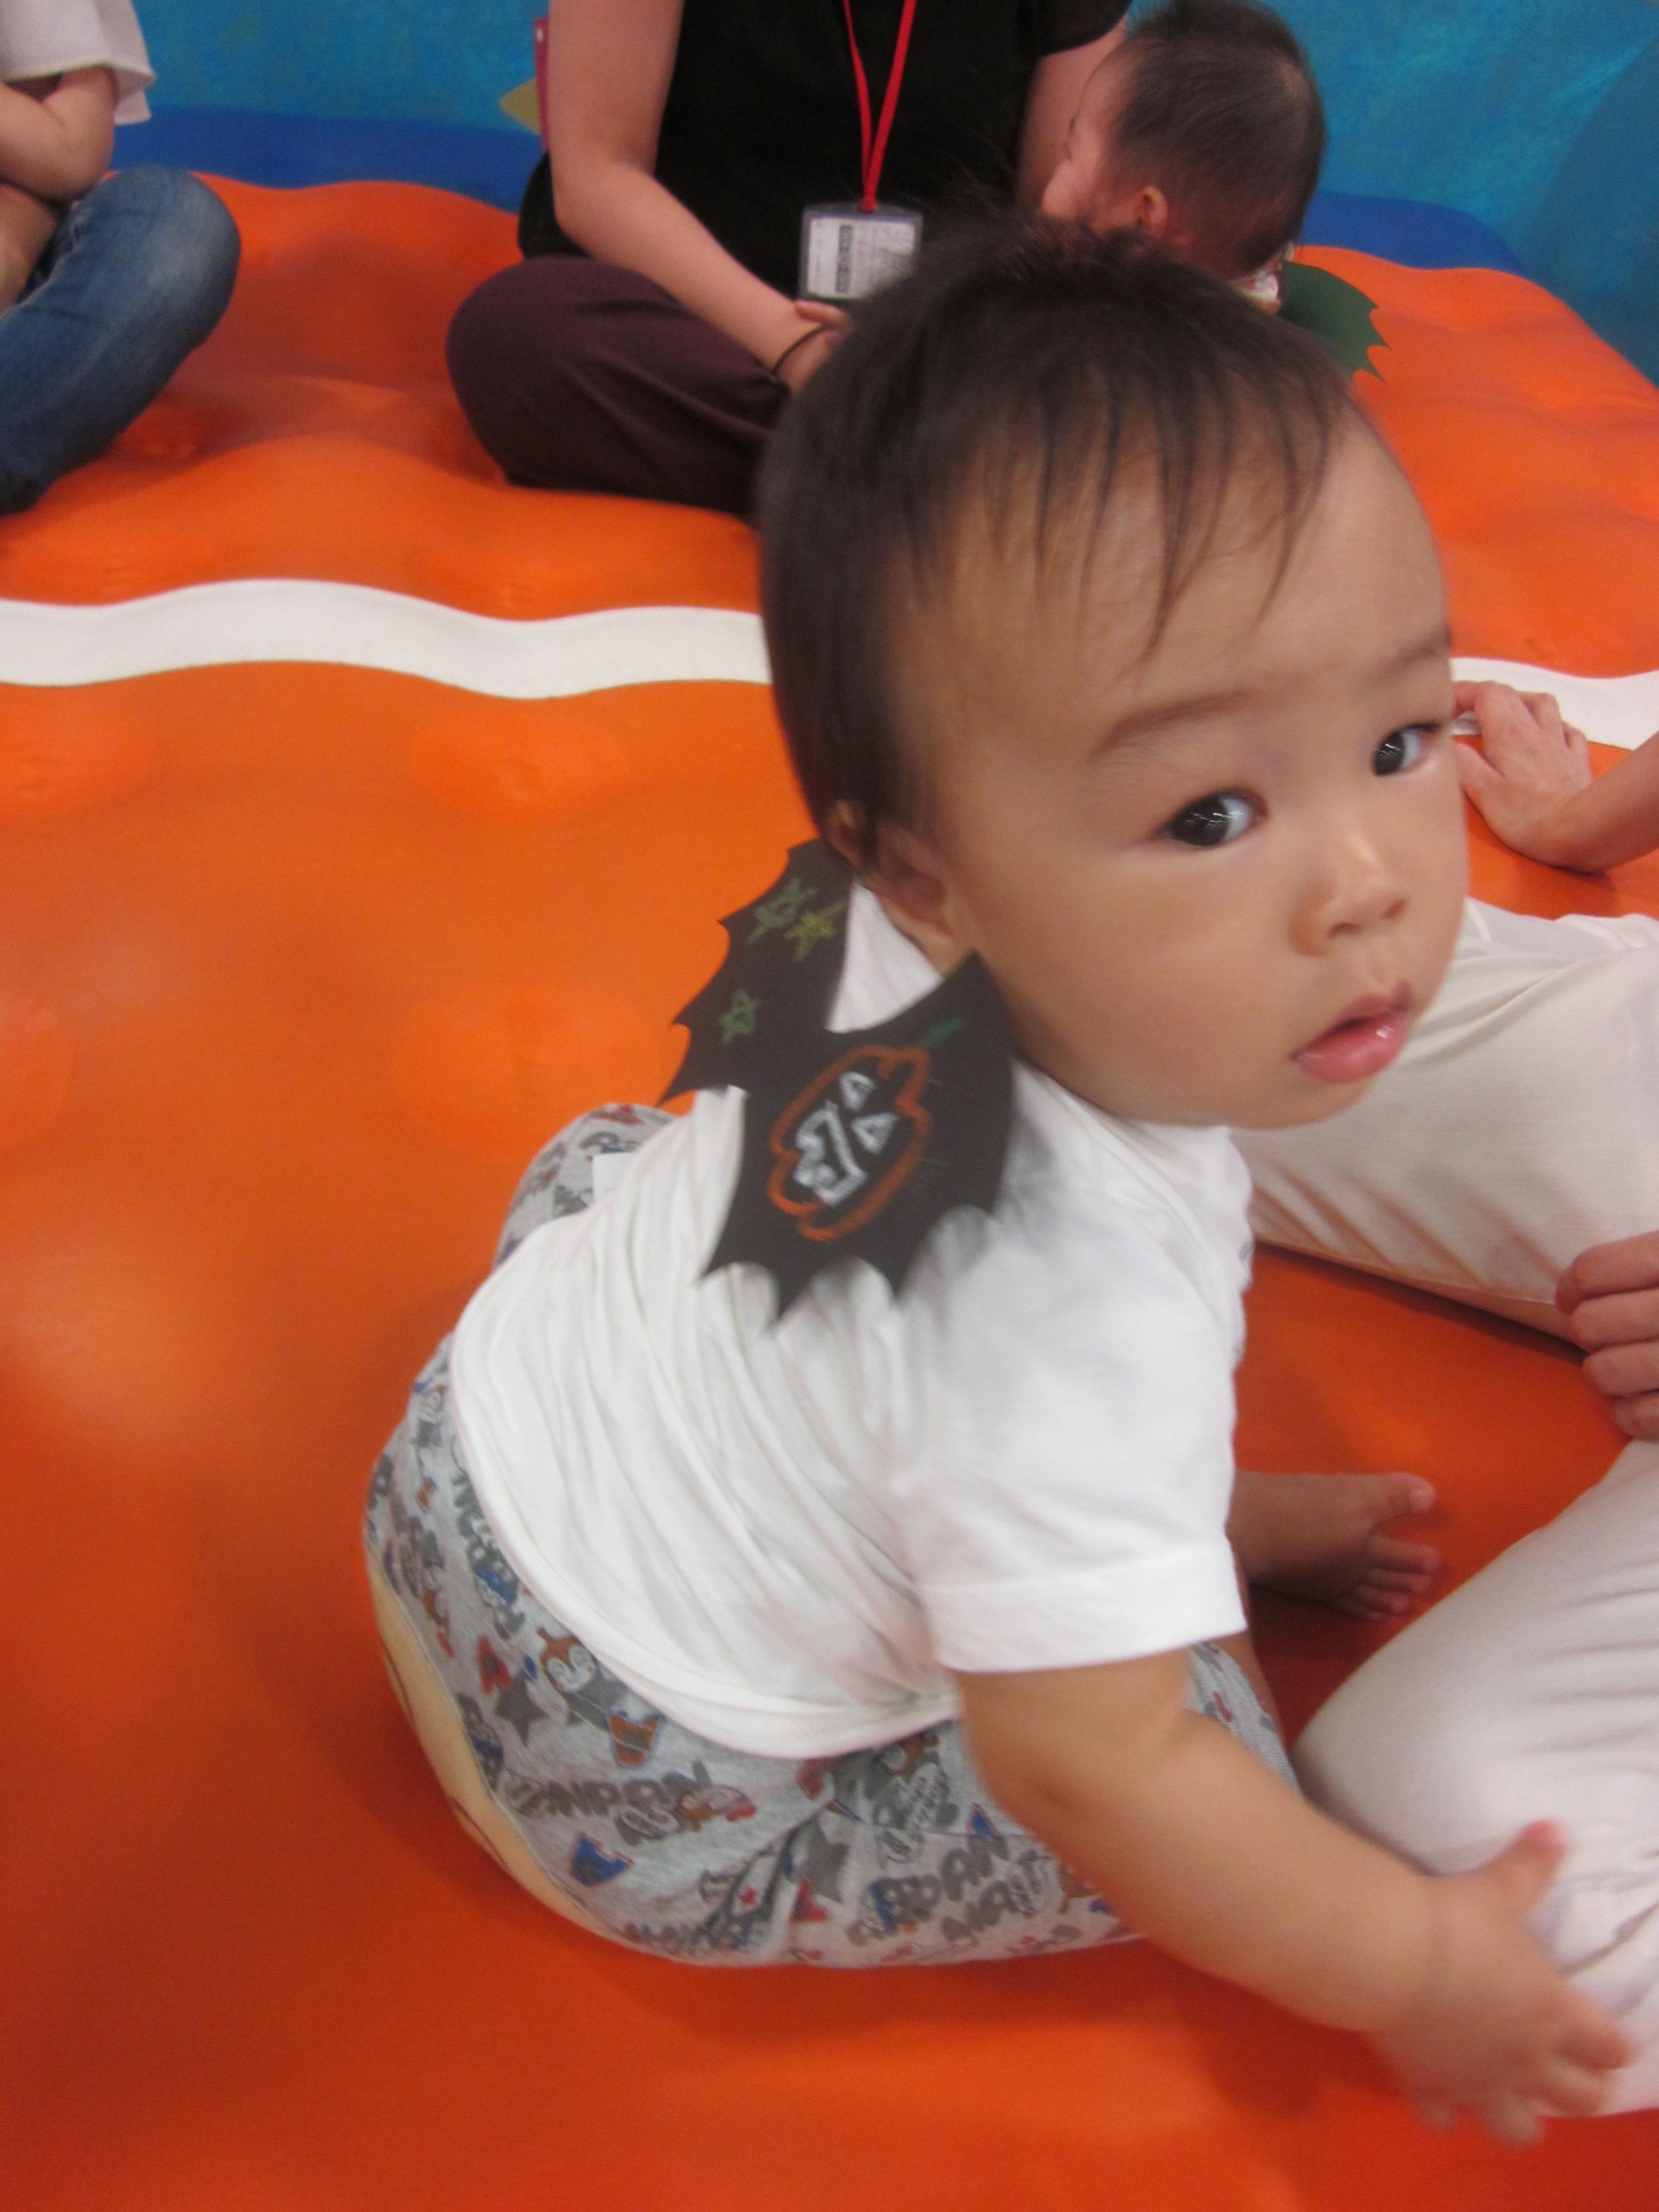 赤ちゃんの日のイベント「キドキドハロウィンツアー」を行いました